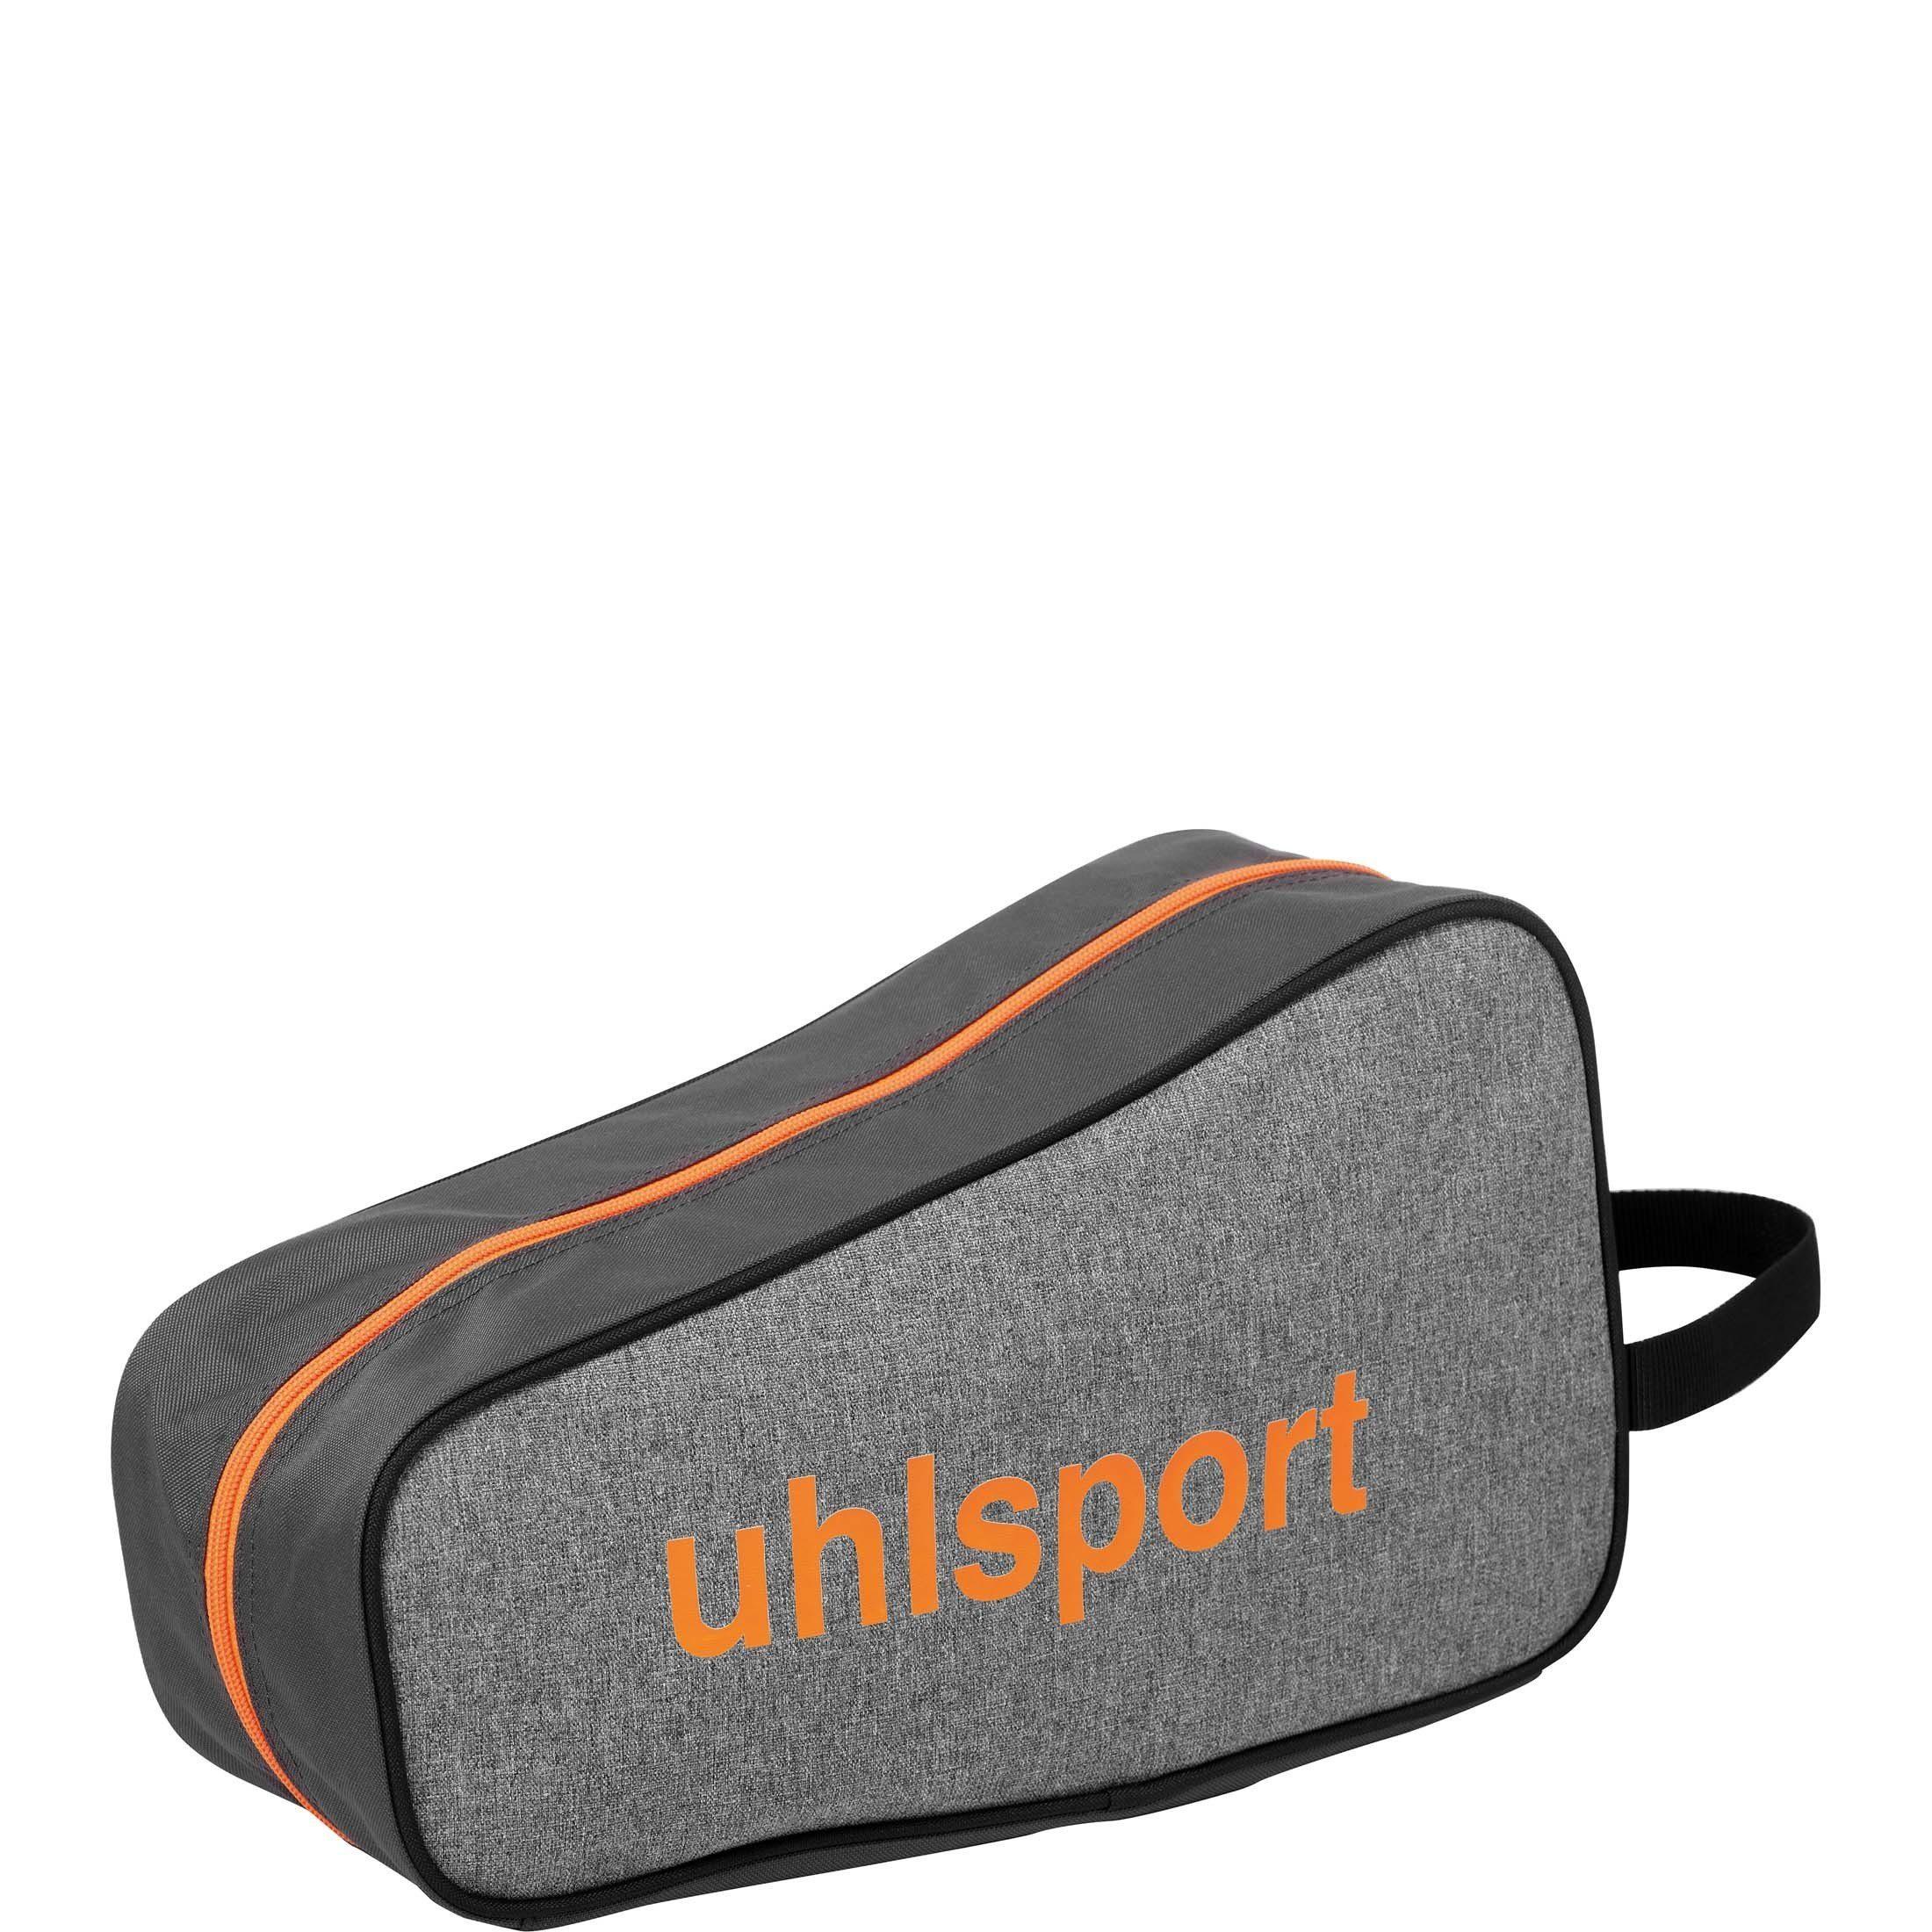 Uhlsport Aerored Equipment Torwarttasche Herren